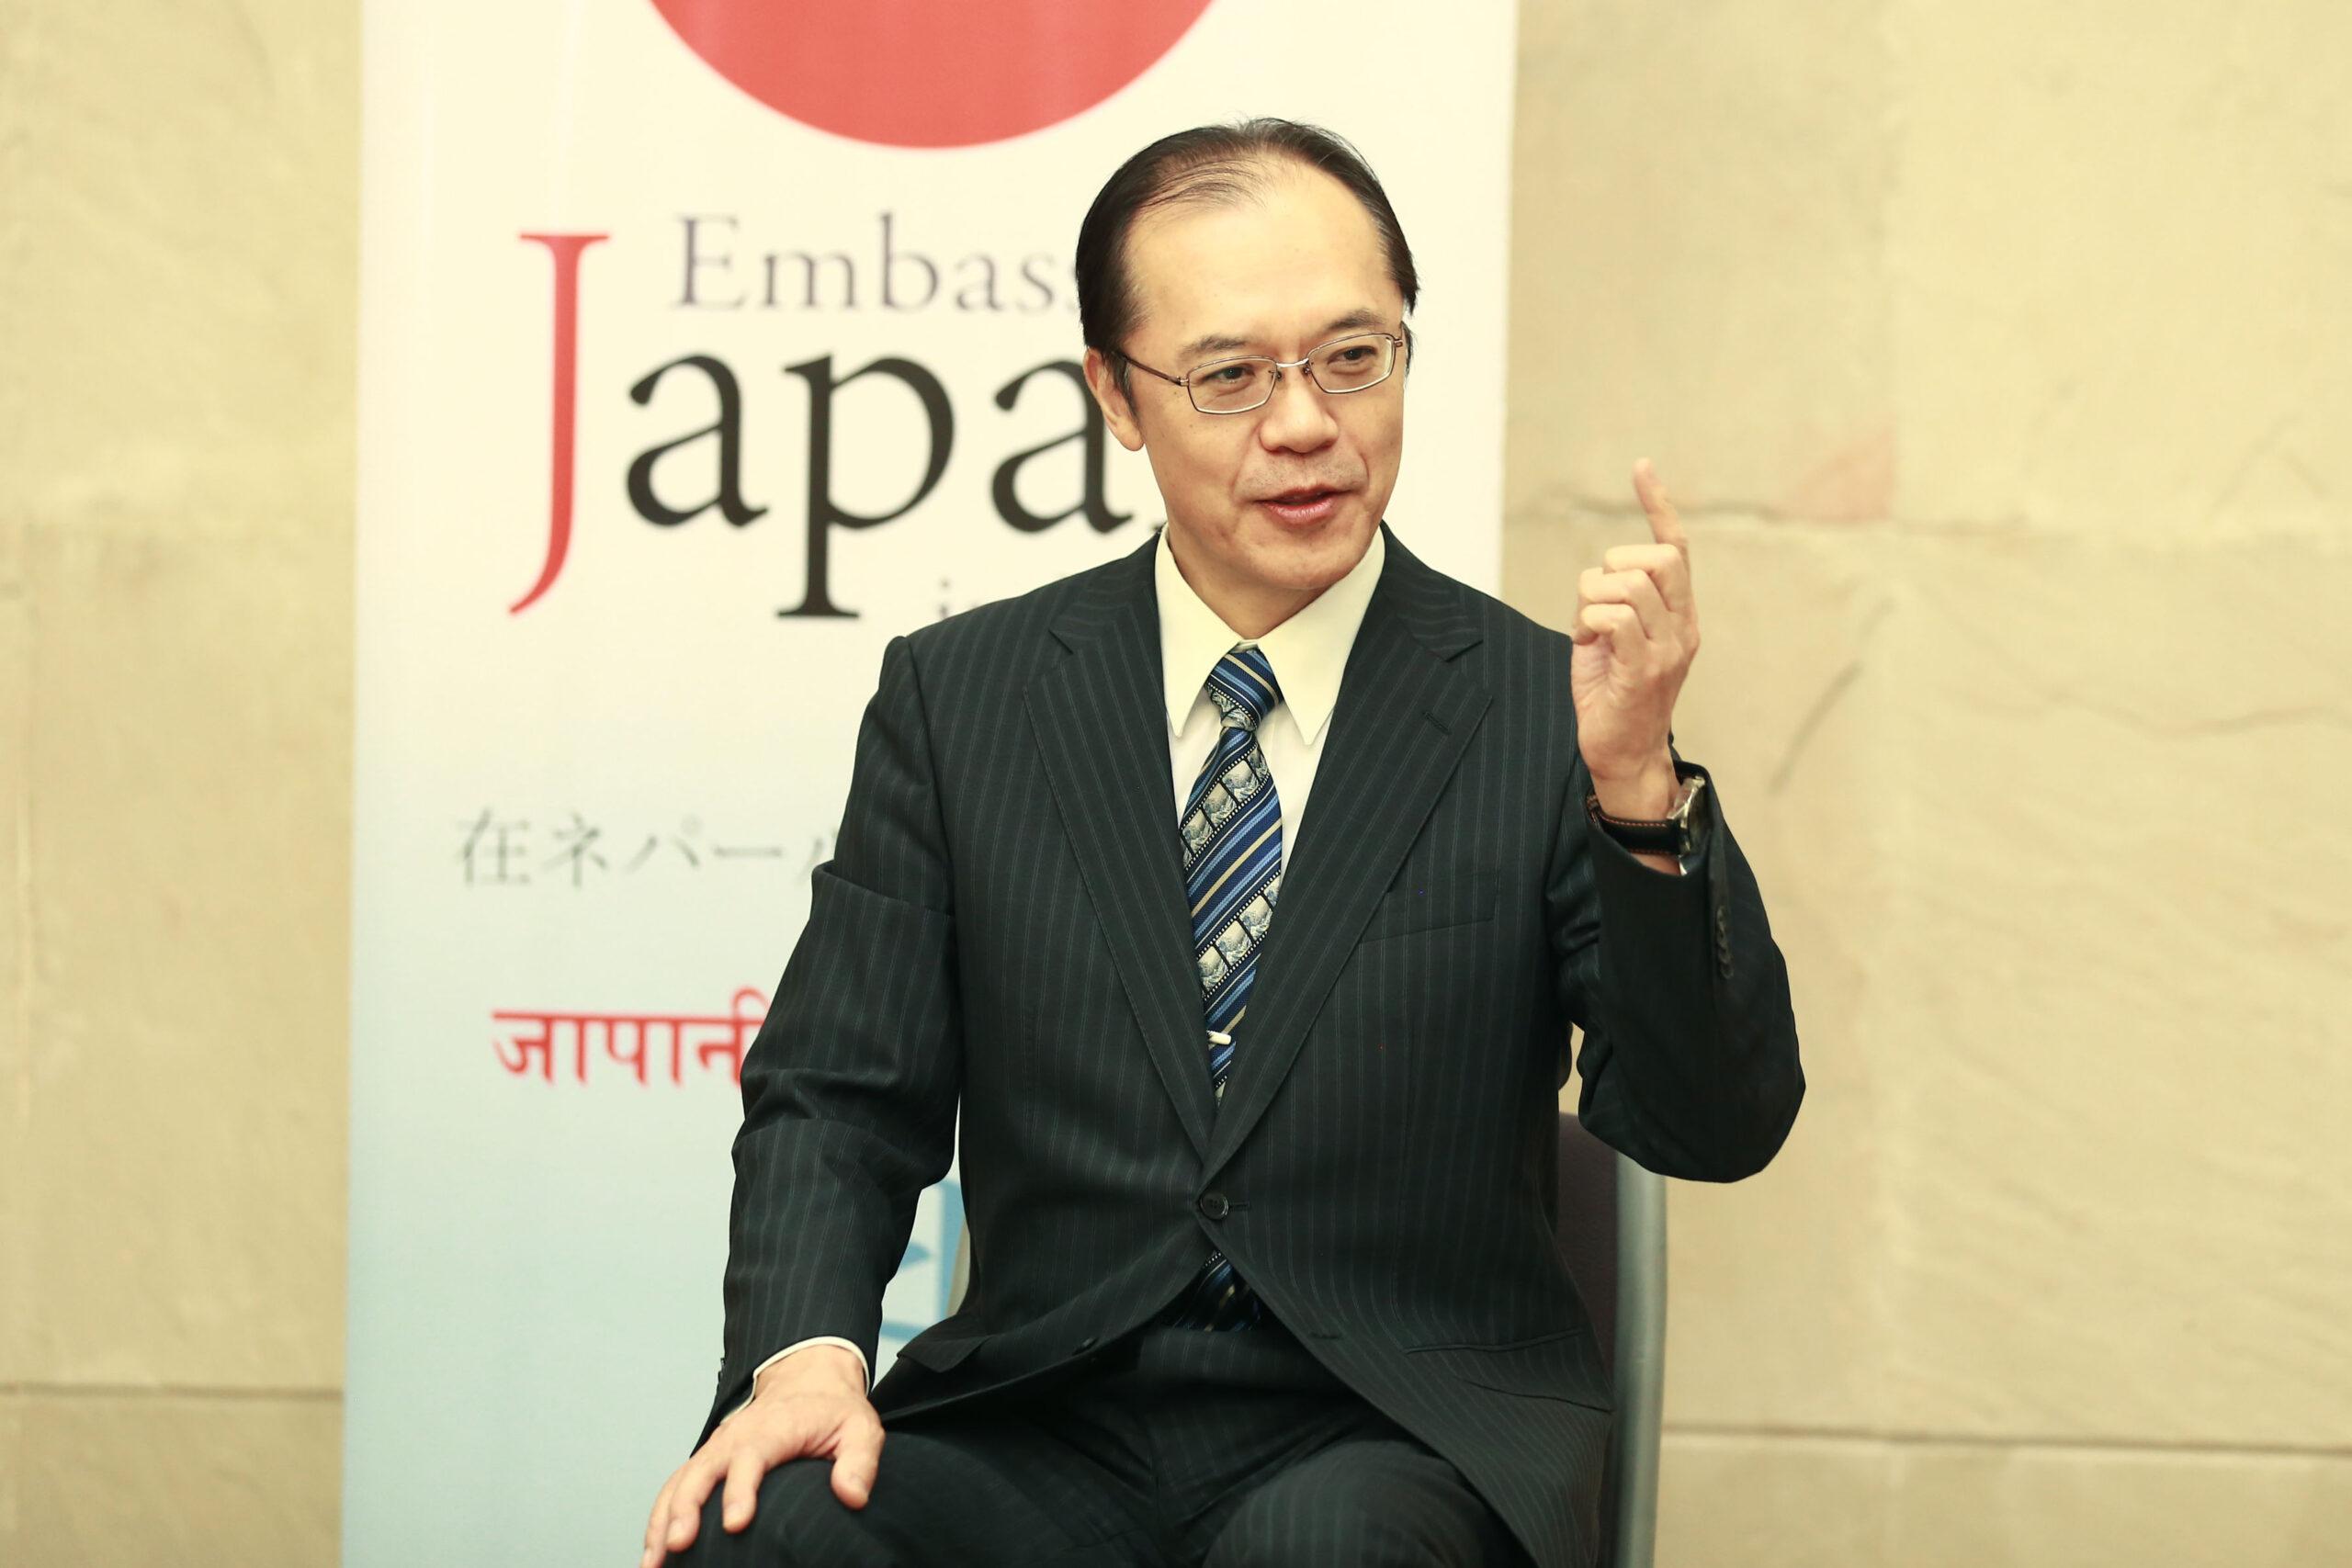 जापान–नेपाल सम्बन्ध थप उचाइमा पुर्याउनेछु : जापानी राजदूत किकुता